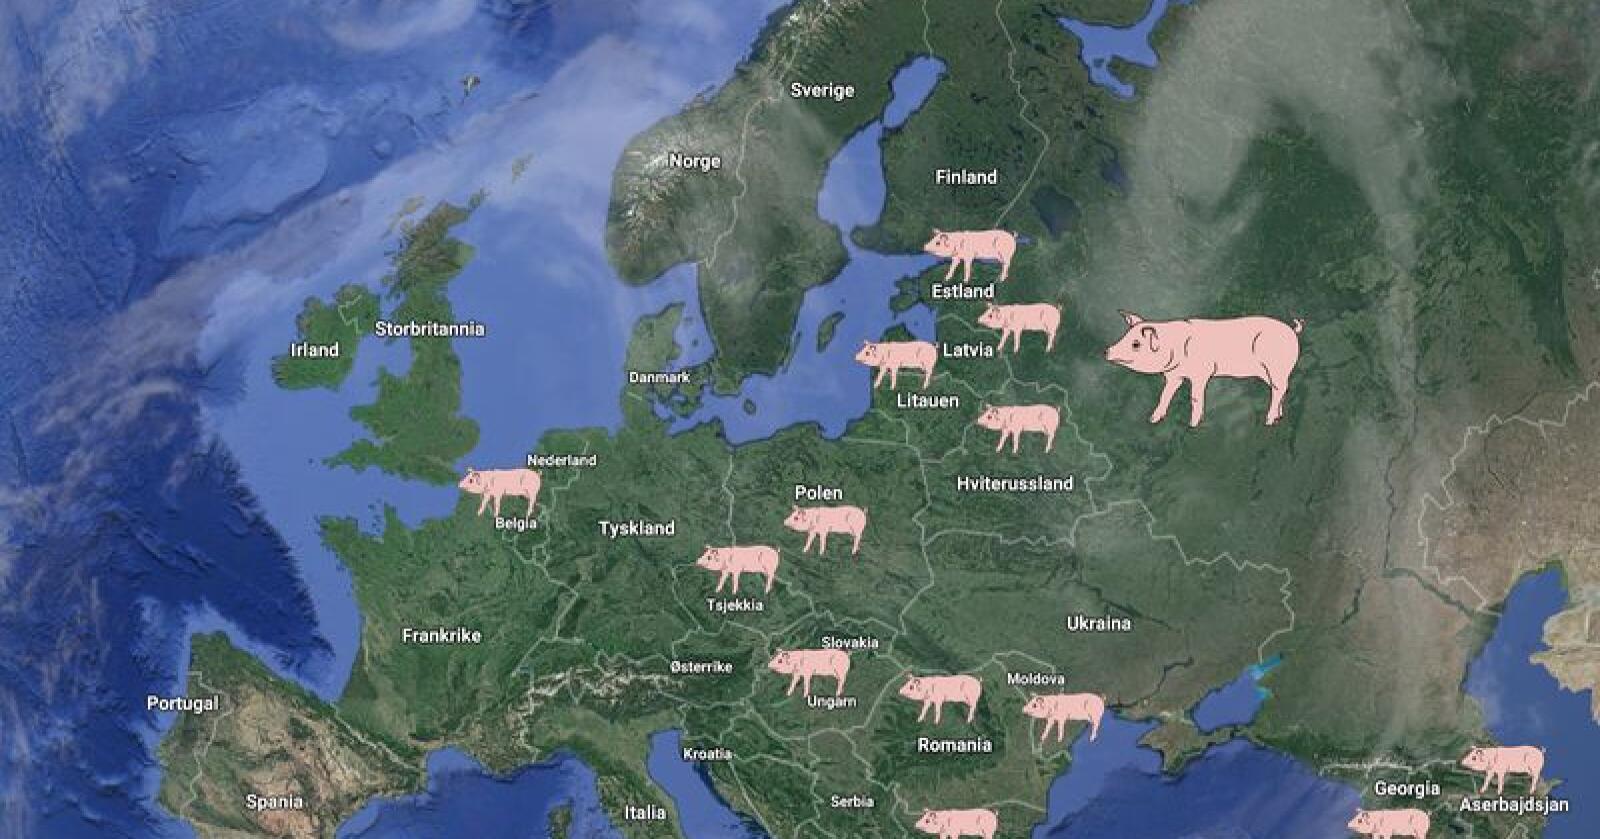 Afrikansk svinepest har kommet til stadig flere land i Europa. Illustrasjon: Google Maps / Bondebladet